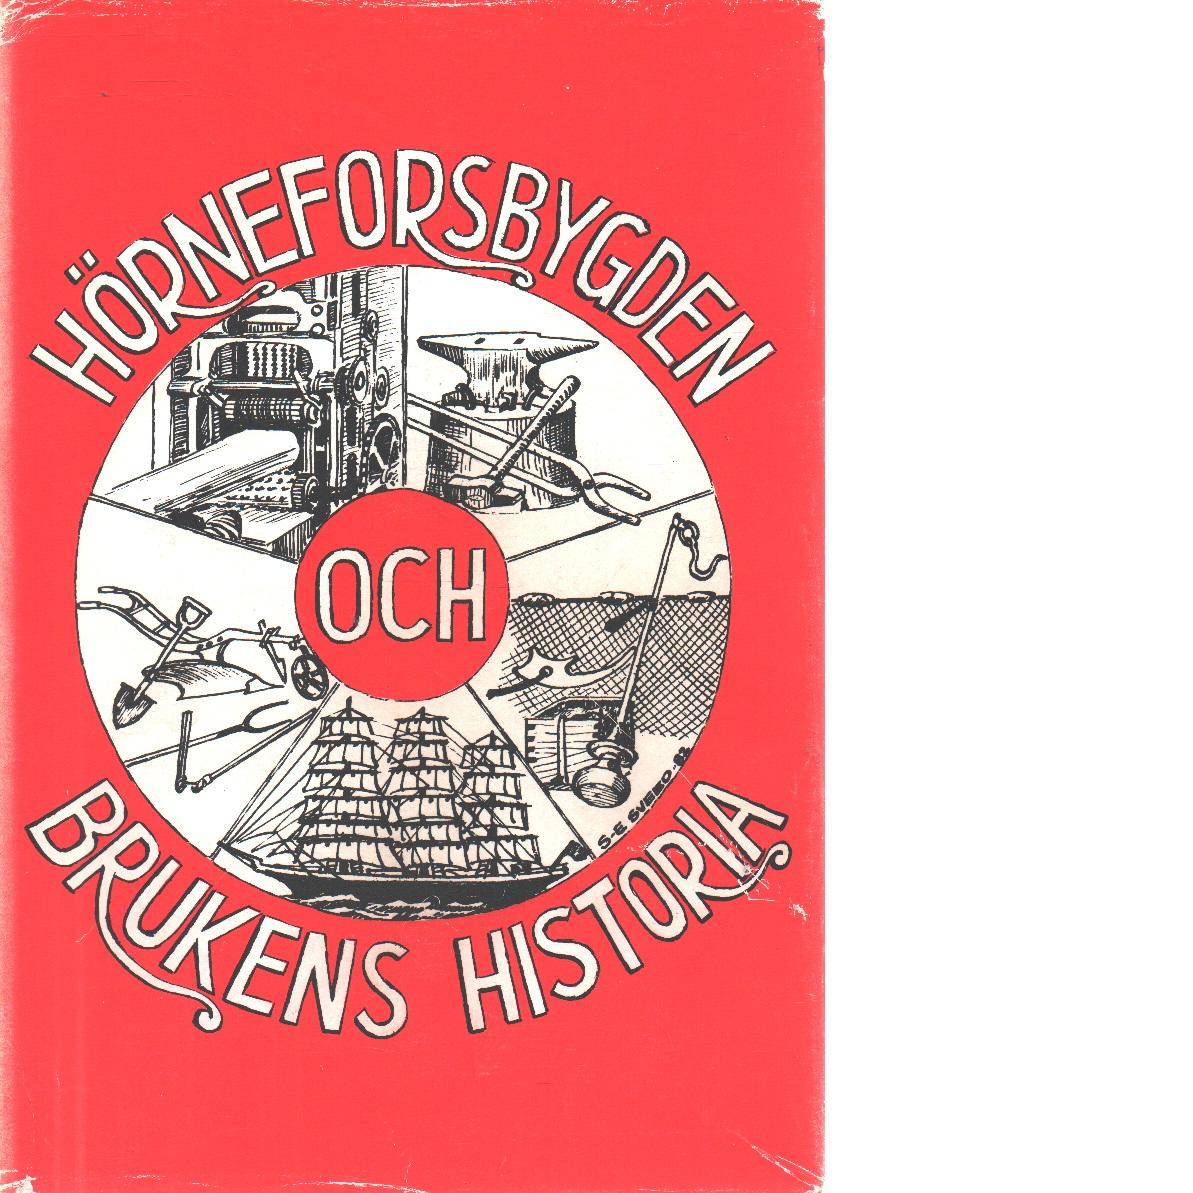 Hörneforsbygden och brukens historia. - Red.